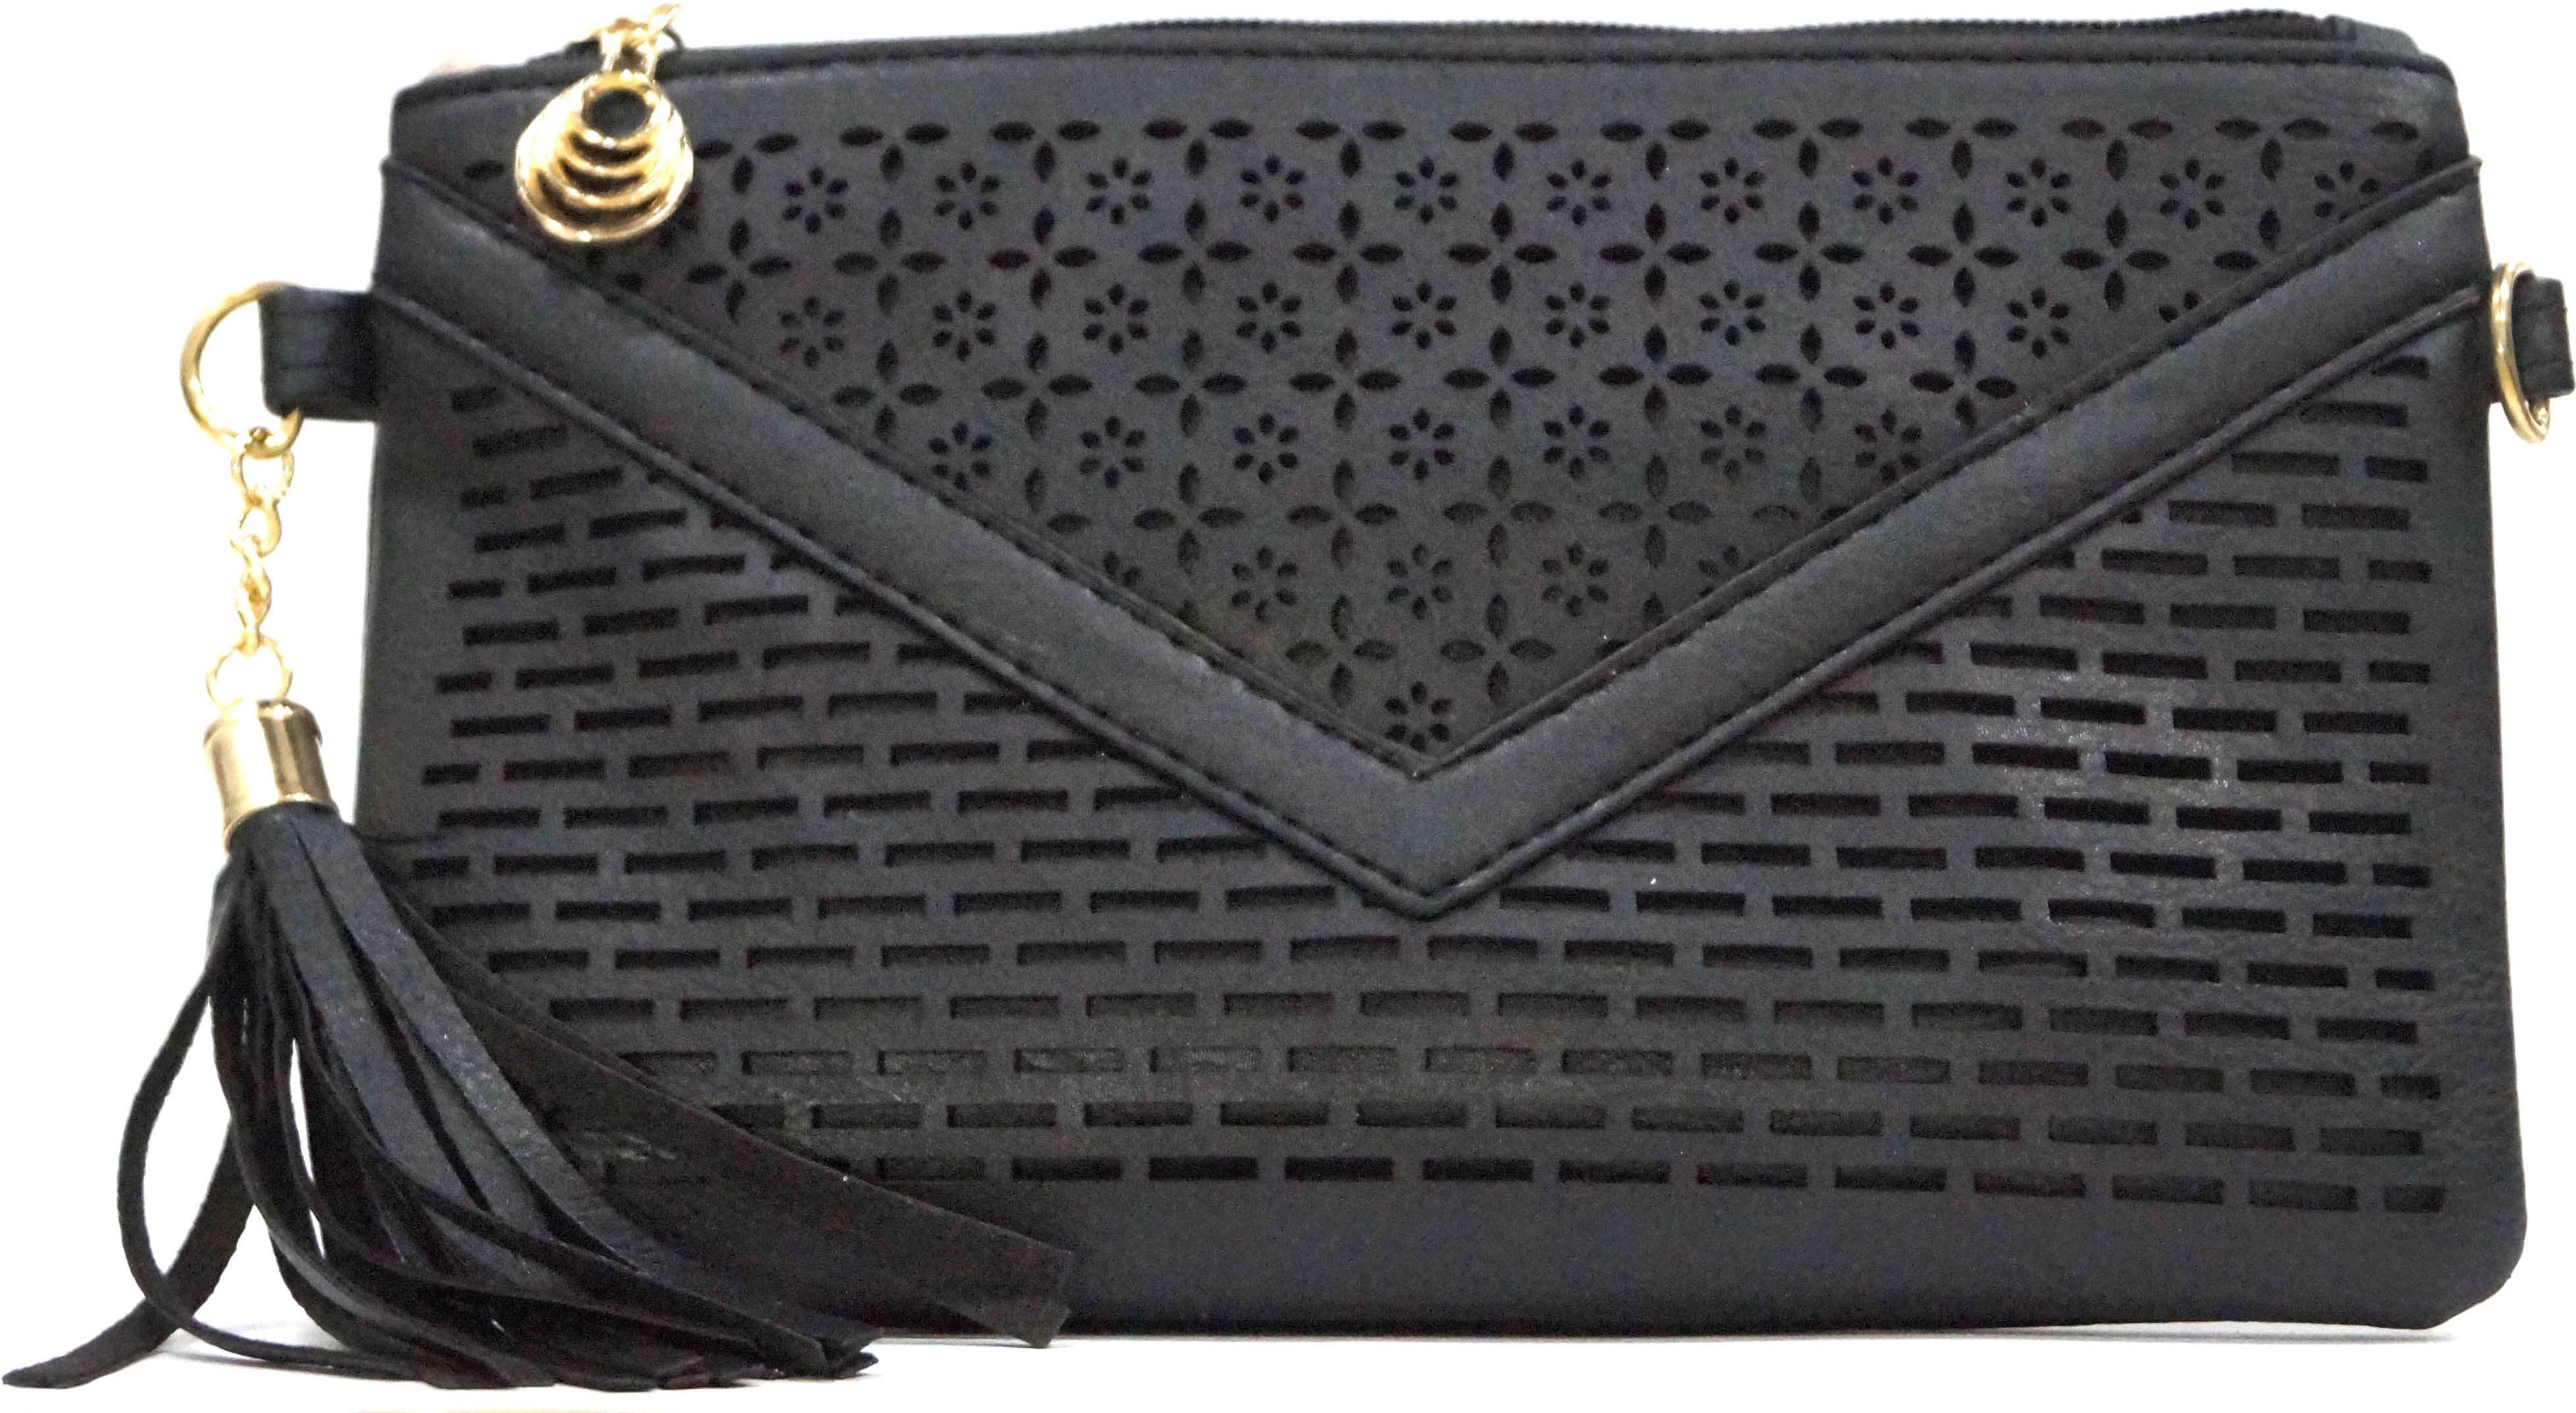 Sling bag below 500 - Nemichand Jewels Girls Black Leatherette Sling Bag